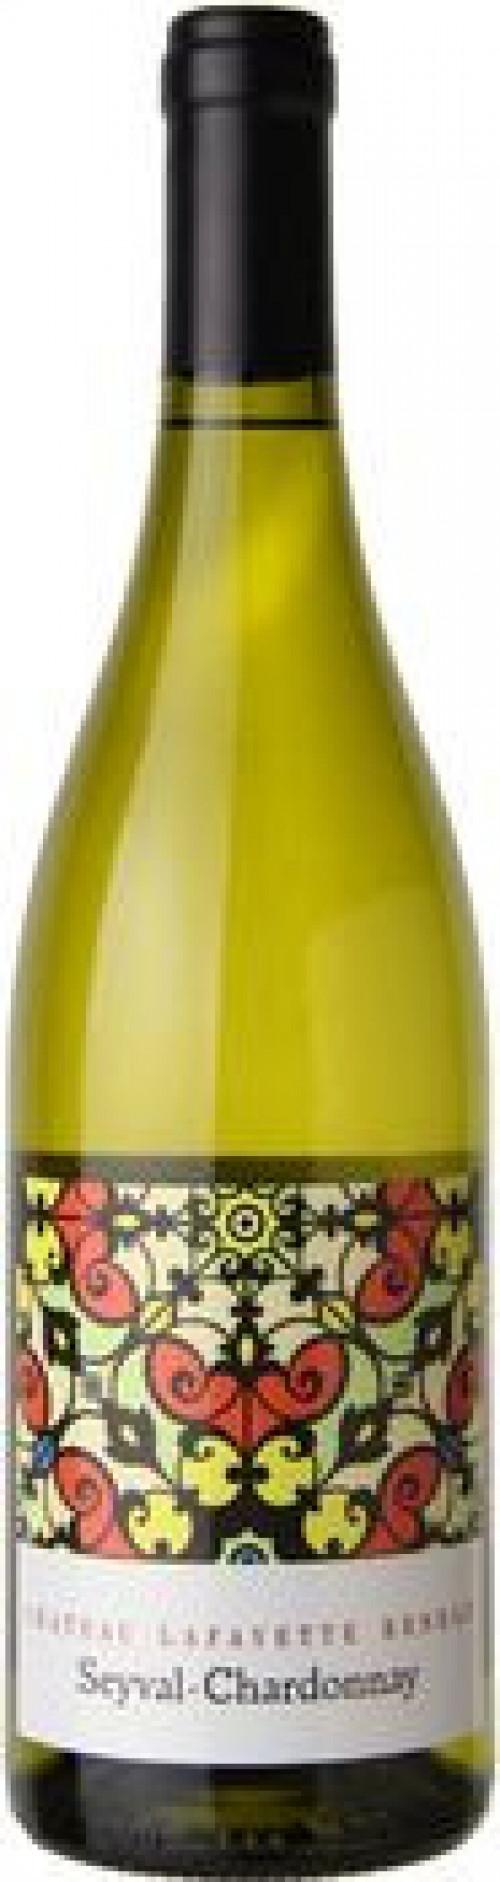 Chateau Lafayette Reneau Seyval Blanc-Chardonnay 750ml